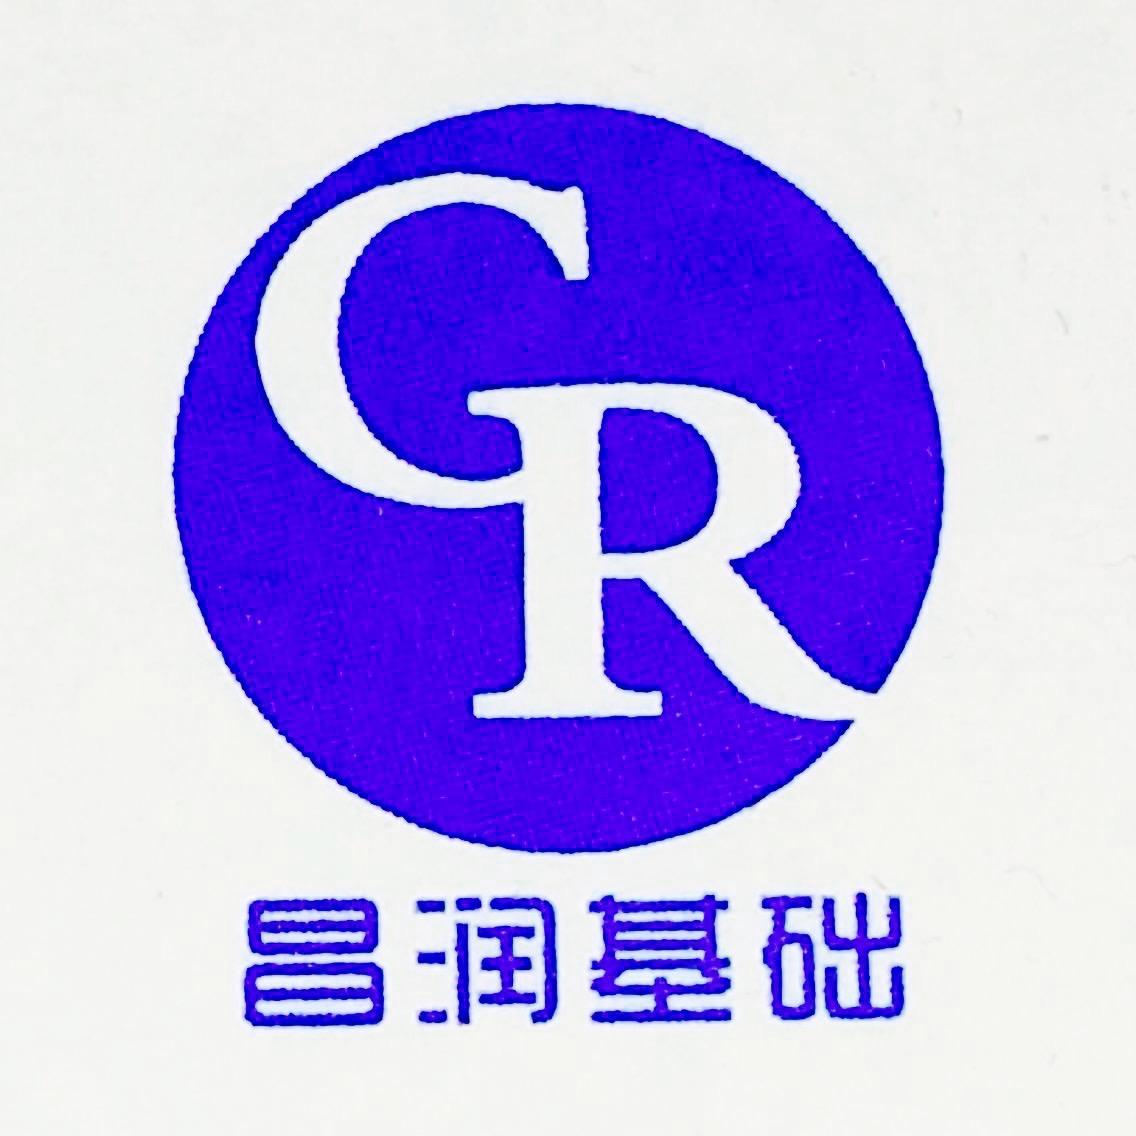 镇江市昌润基础工程有限公司